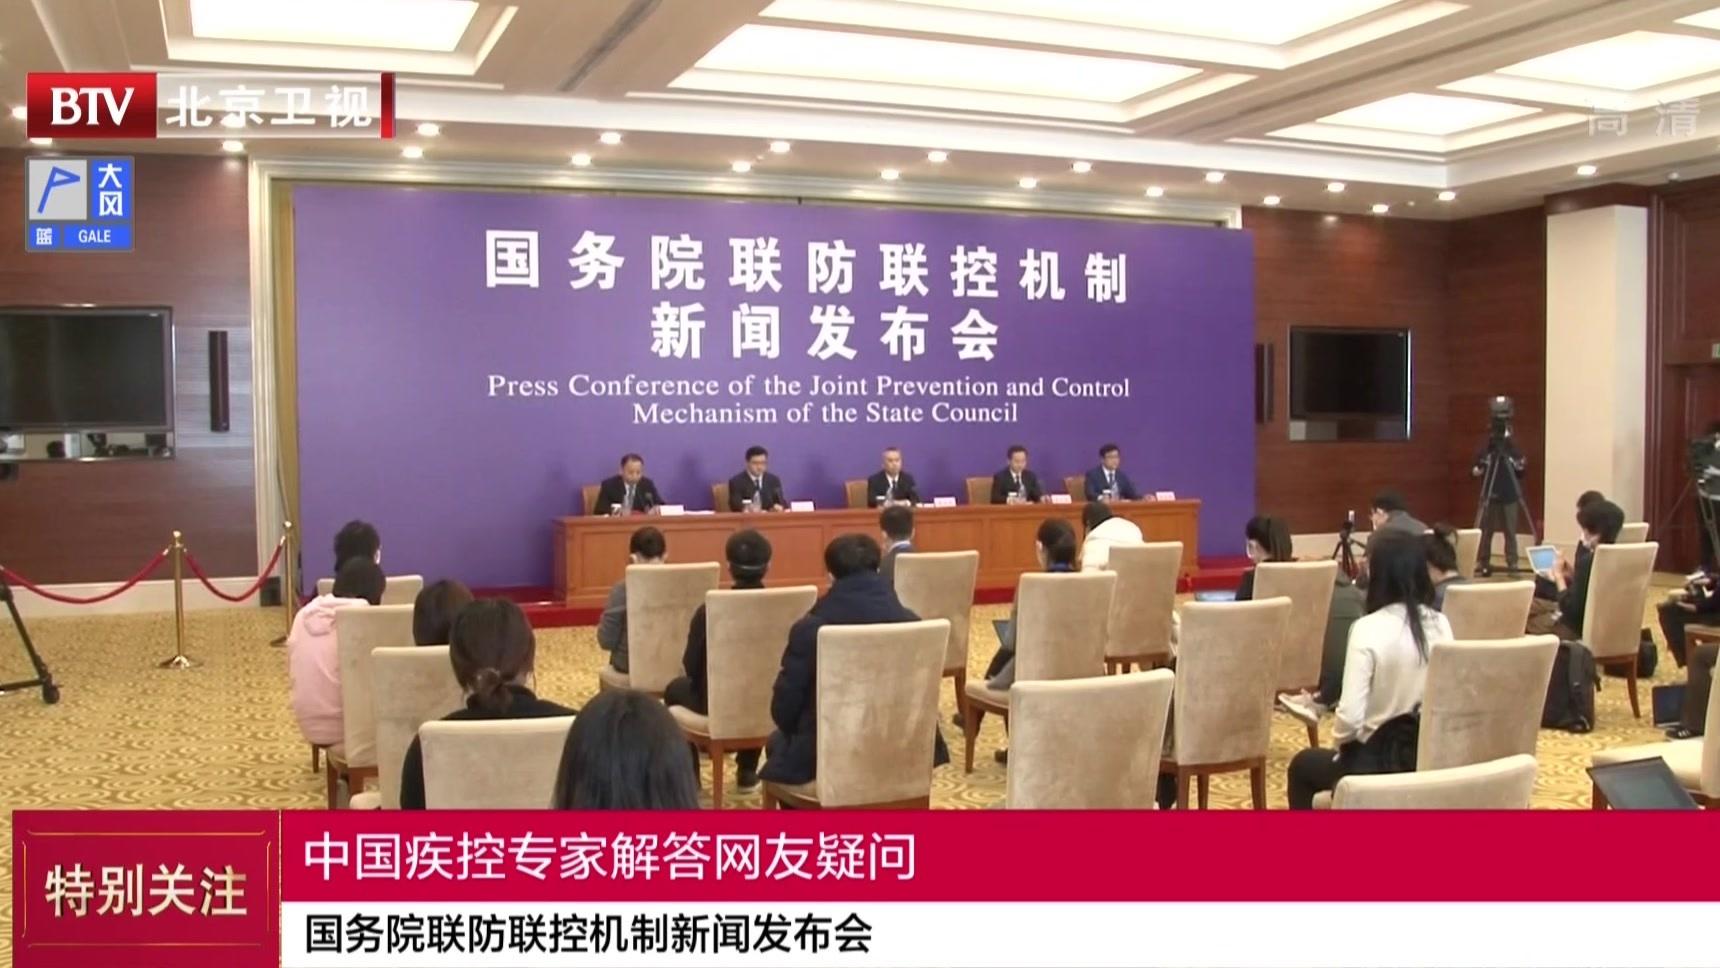 中国疾控专家解答网友疑问